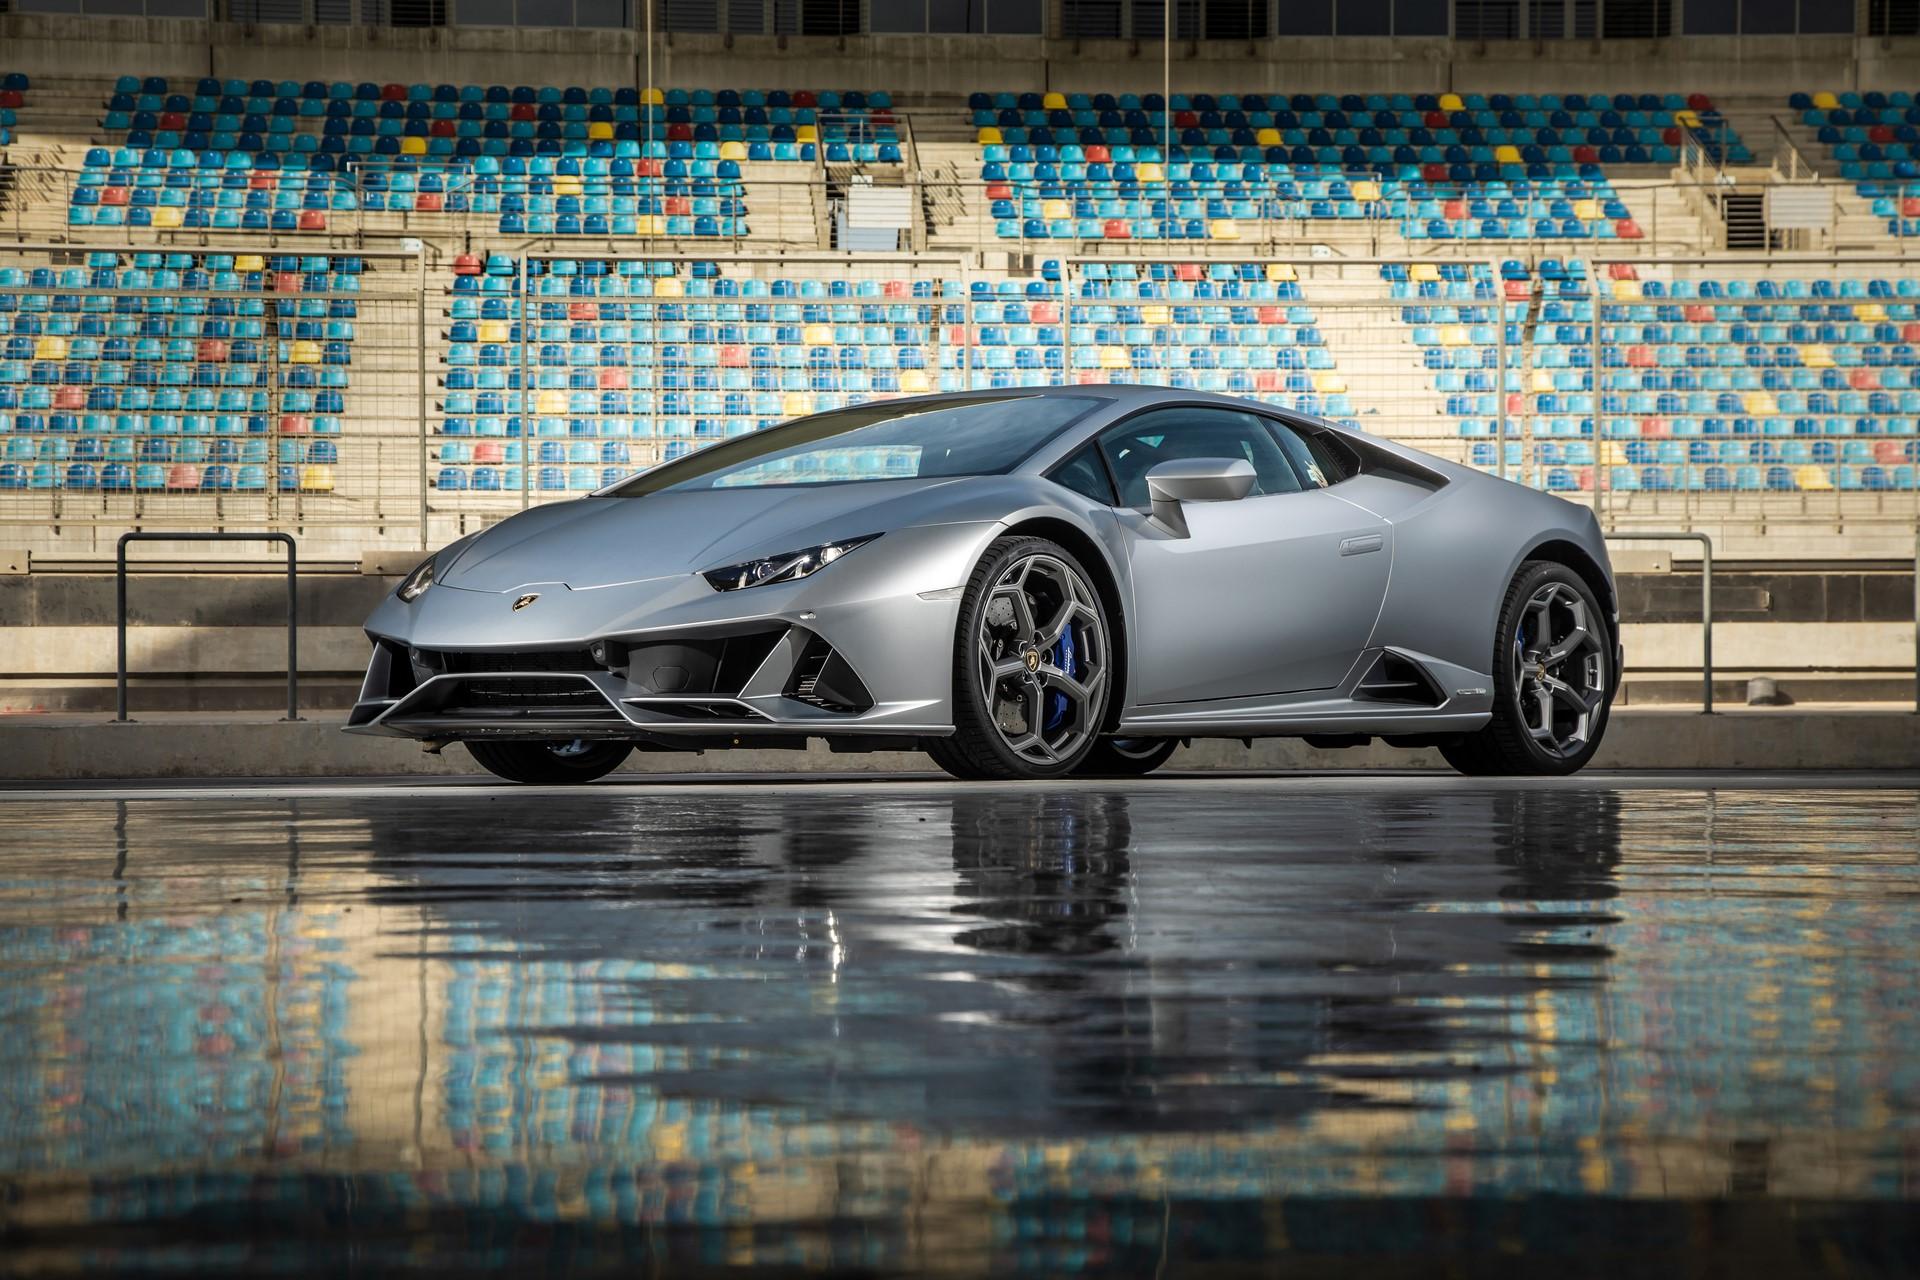 Lamborghini Huracan Evo 2019 (63)